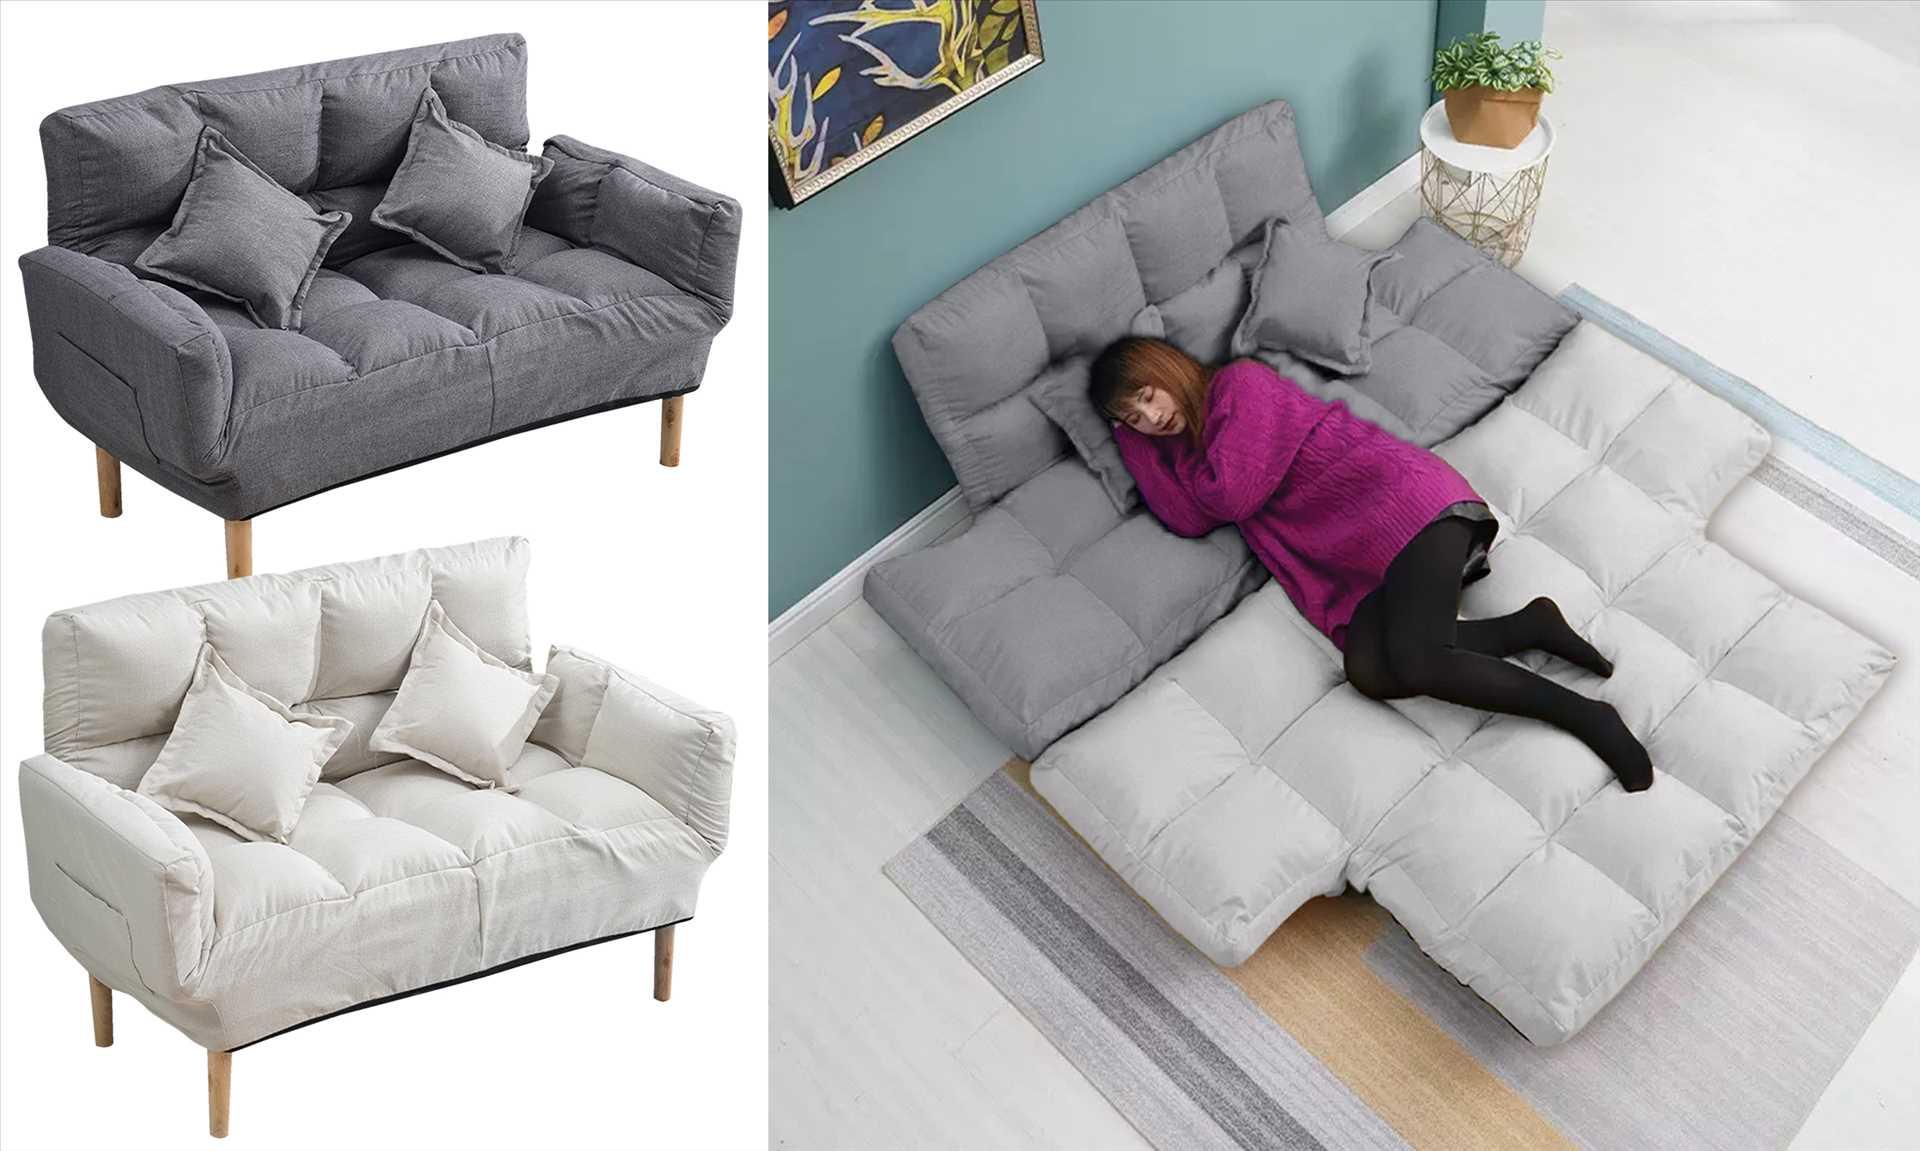 ספה זוגית דגם NEW BERRY צבע אפור מבית MY CASA - תמונה 4